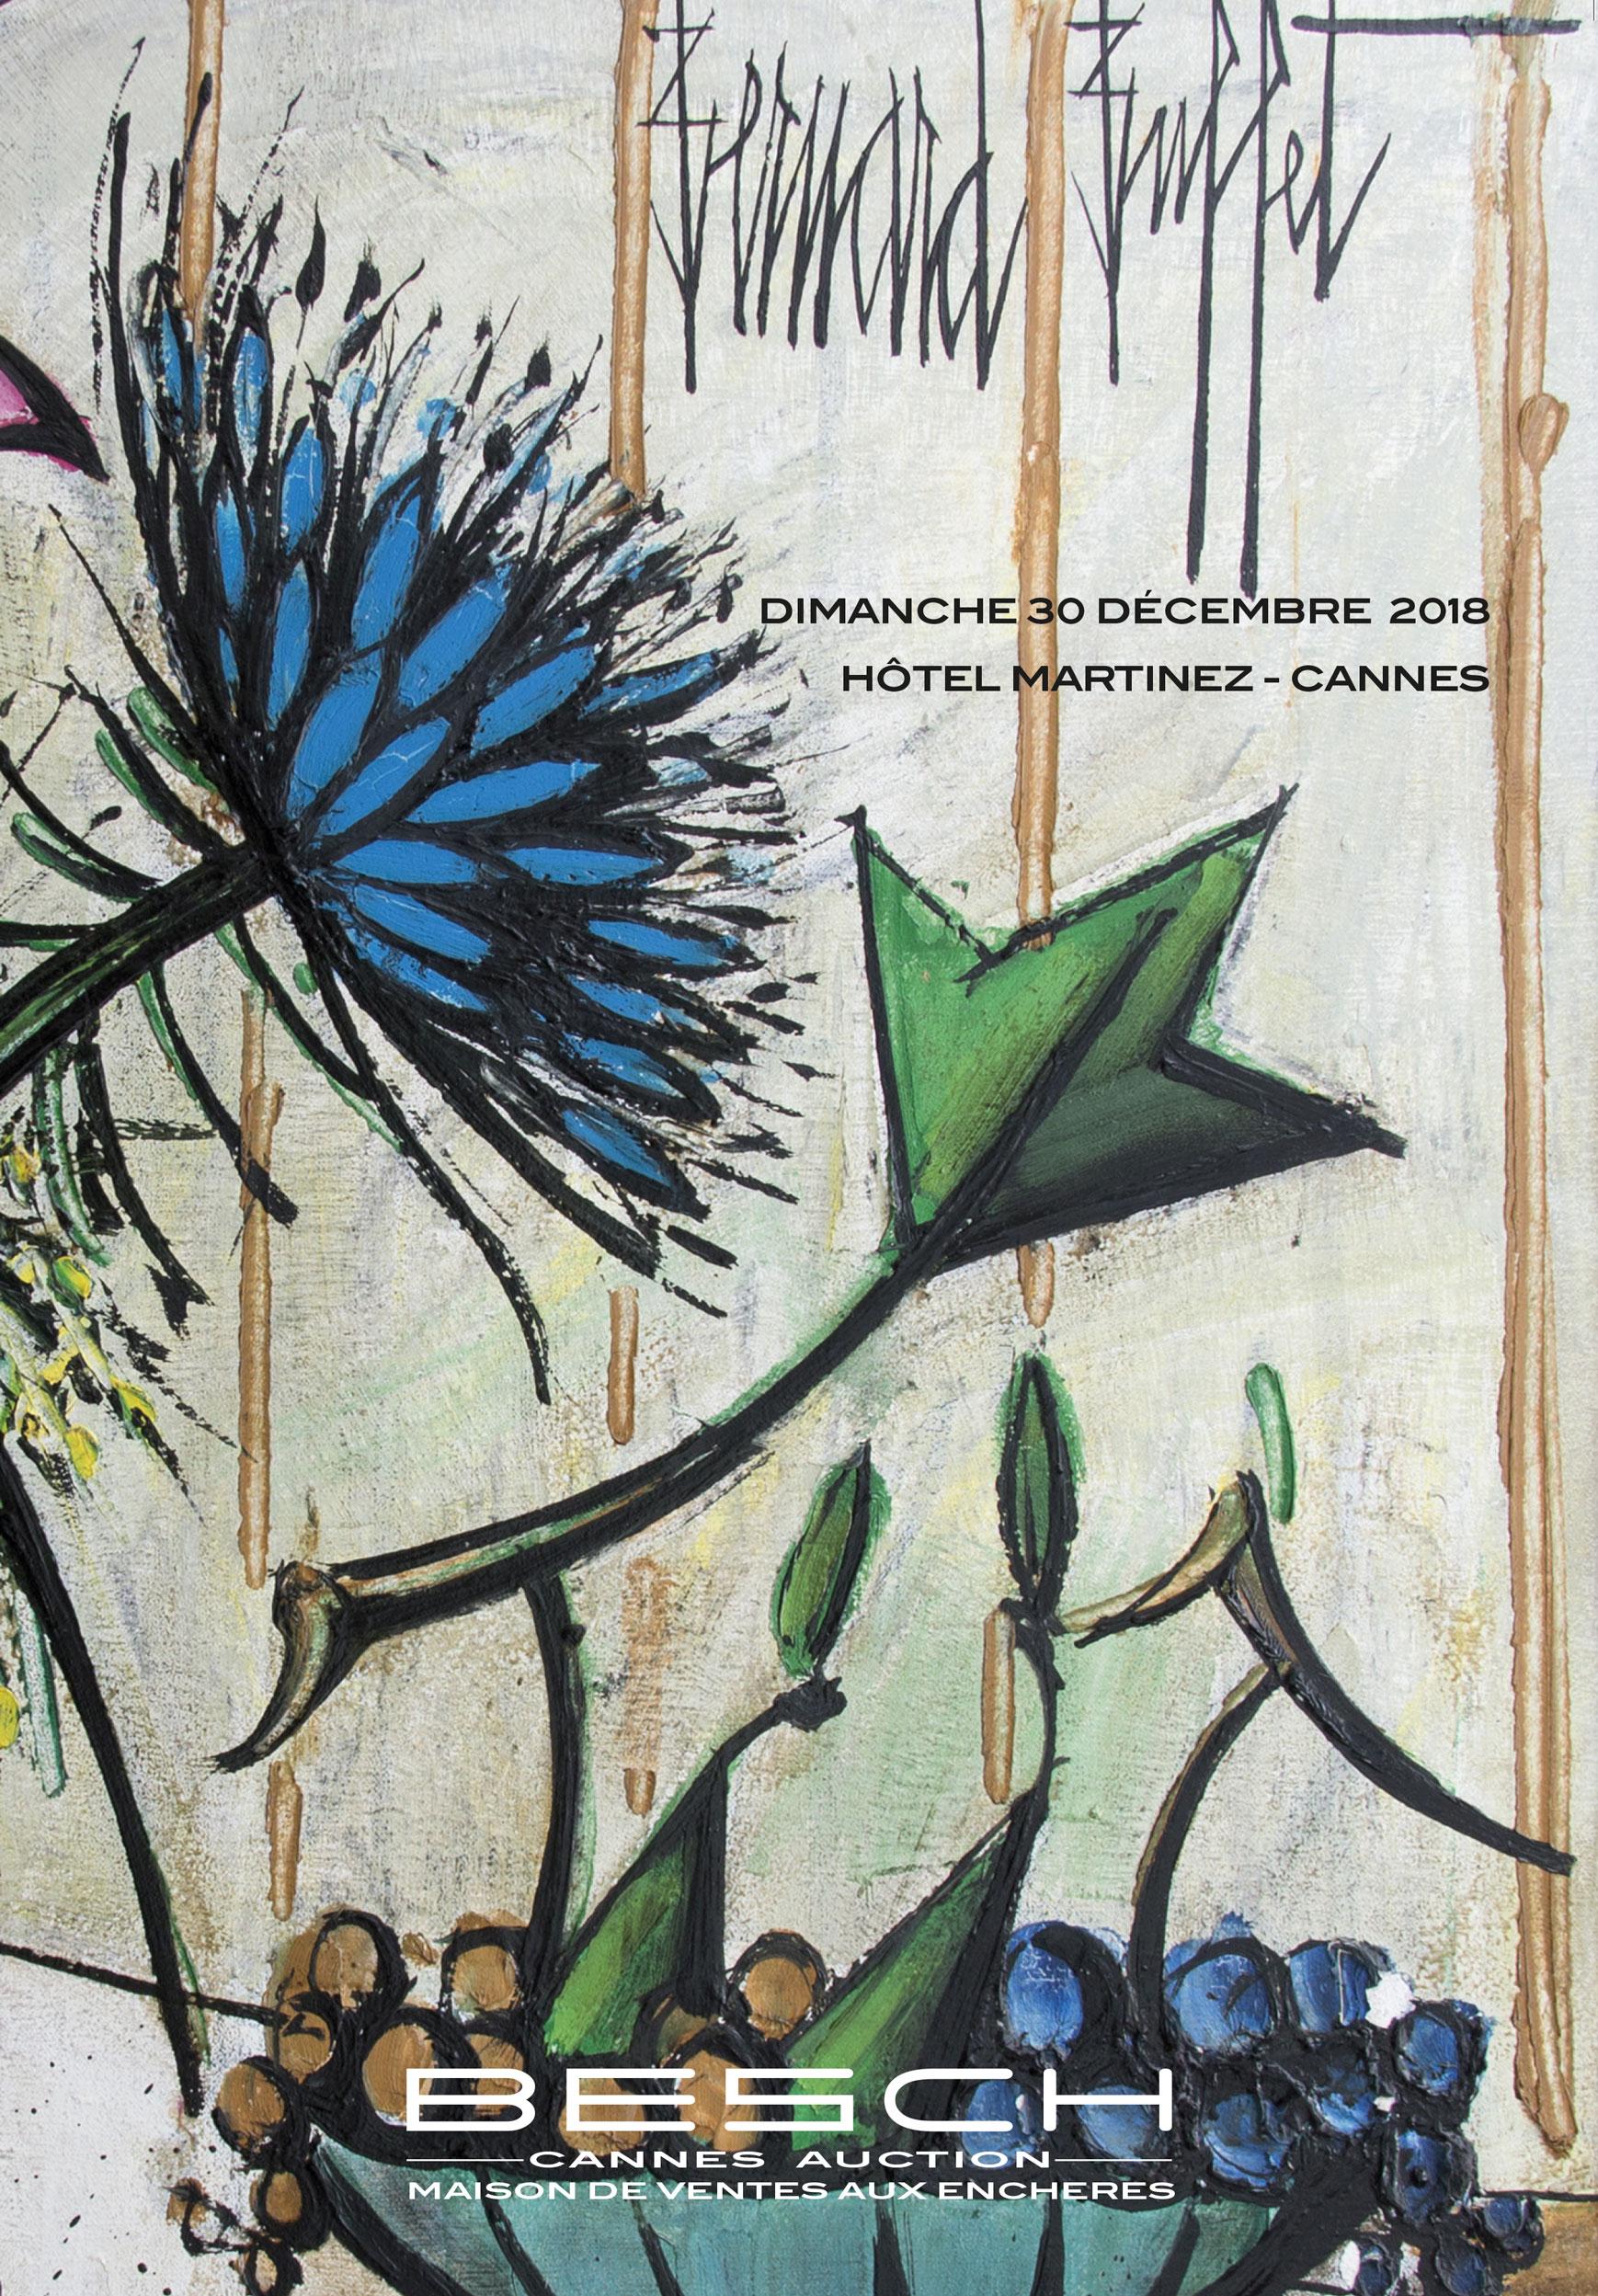 Vente Des Impressionnistes aux Contemporains - Arts d'Extrême Orient, Arts décoratifs du XX° : Daum, Gallé, Lalique chez Besch Cannes Auction : 296 lots